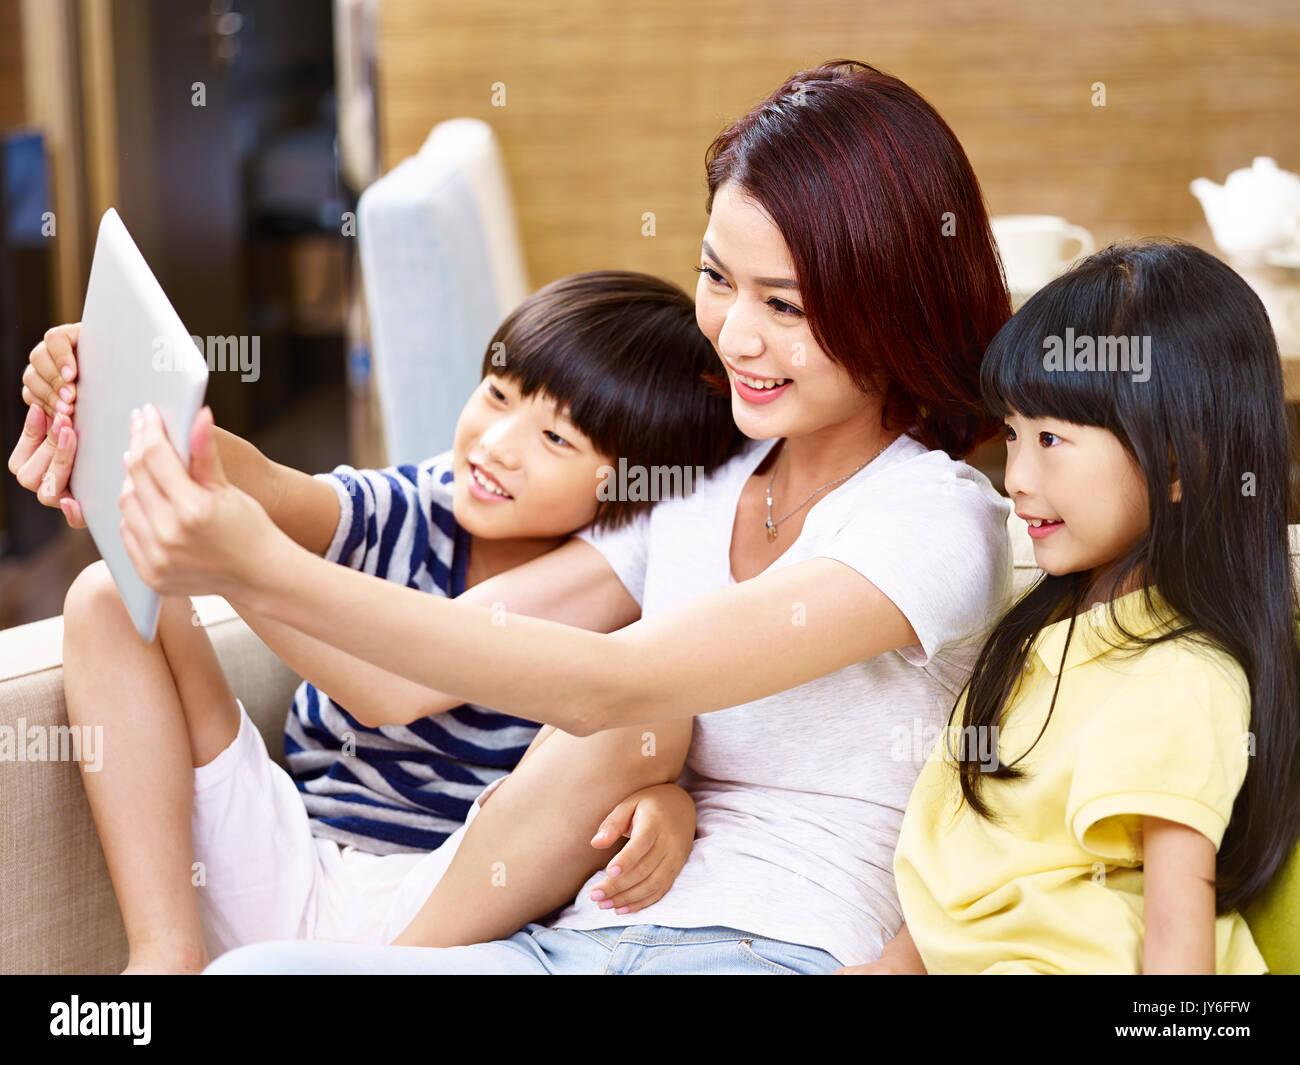 Joven madre asiática y niños sentados en el sofá tomando una tableta digital selfie, feliz y sonriente. Imagen De Stock